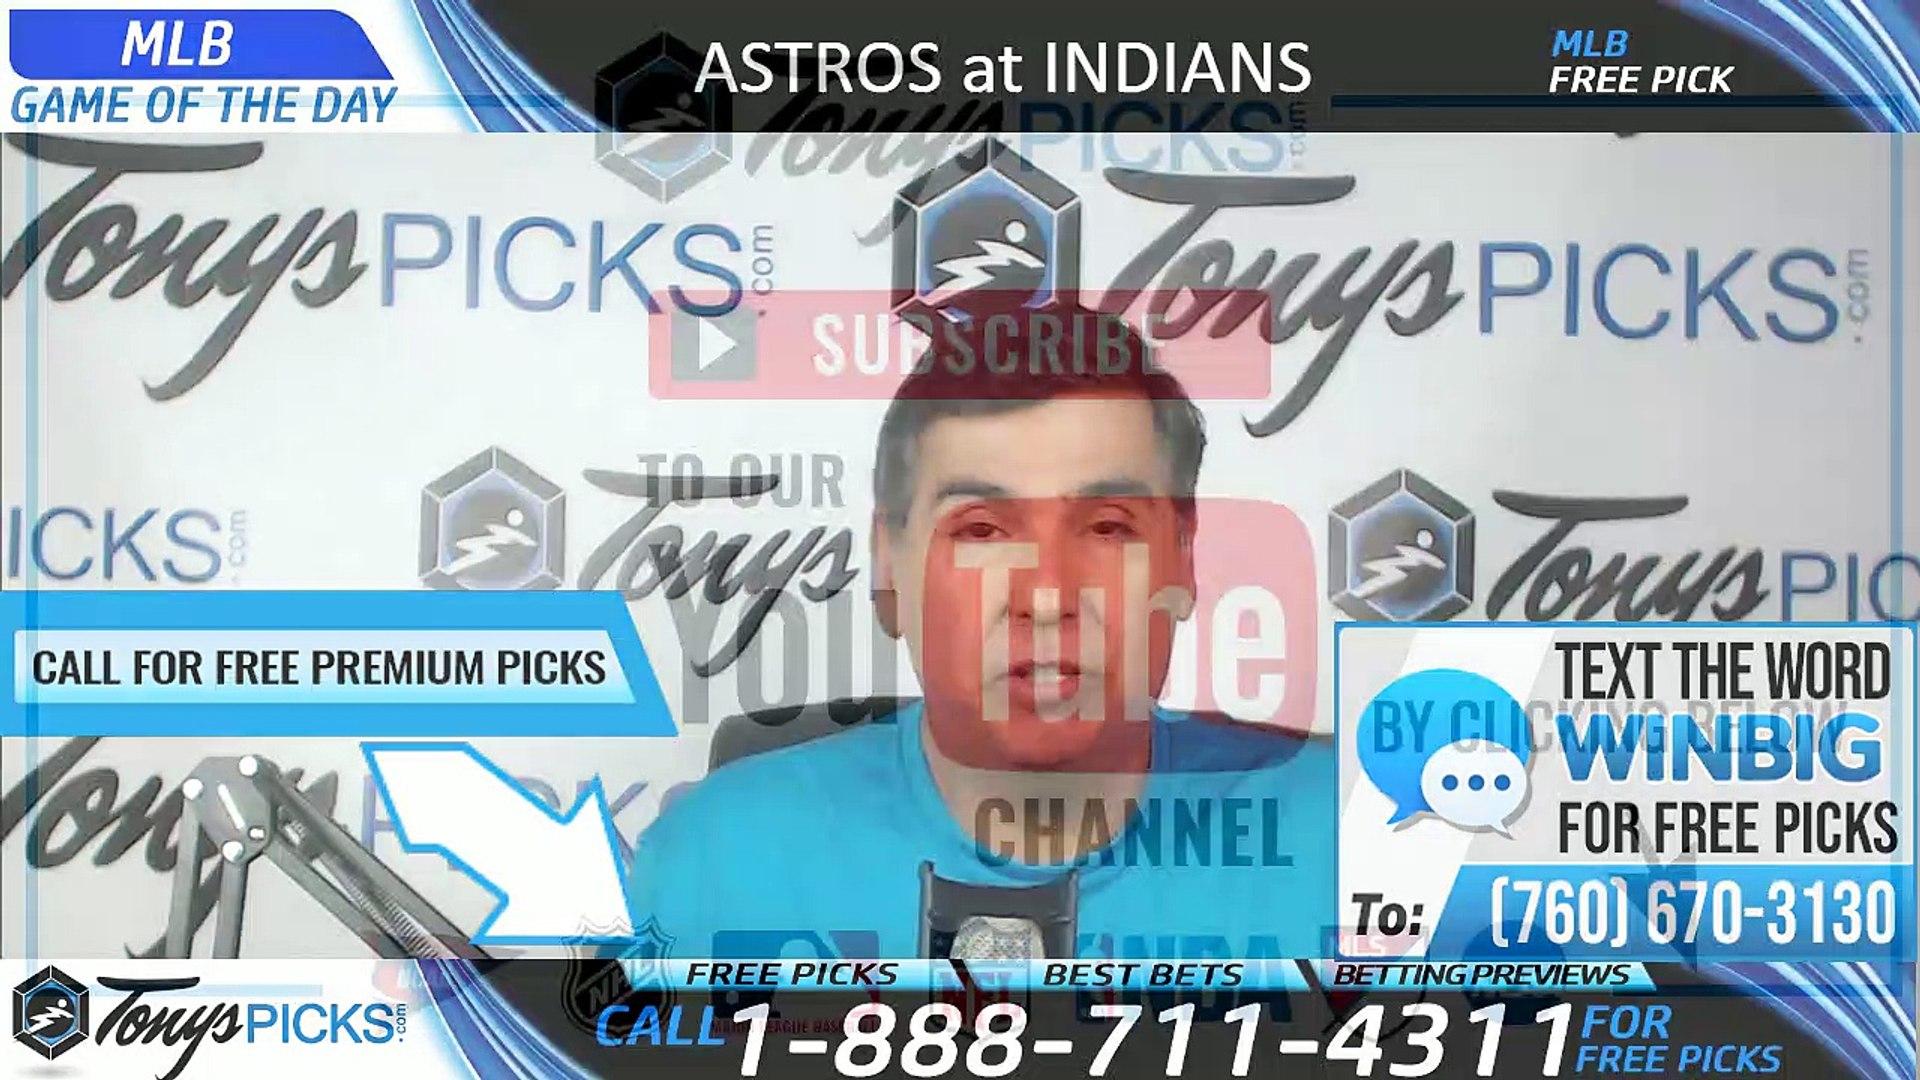 Astros vs Indians MLB Picks 7/30/2019